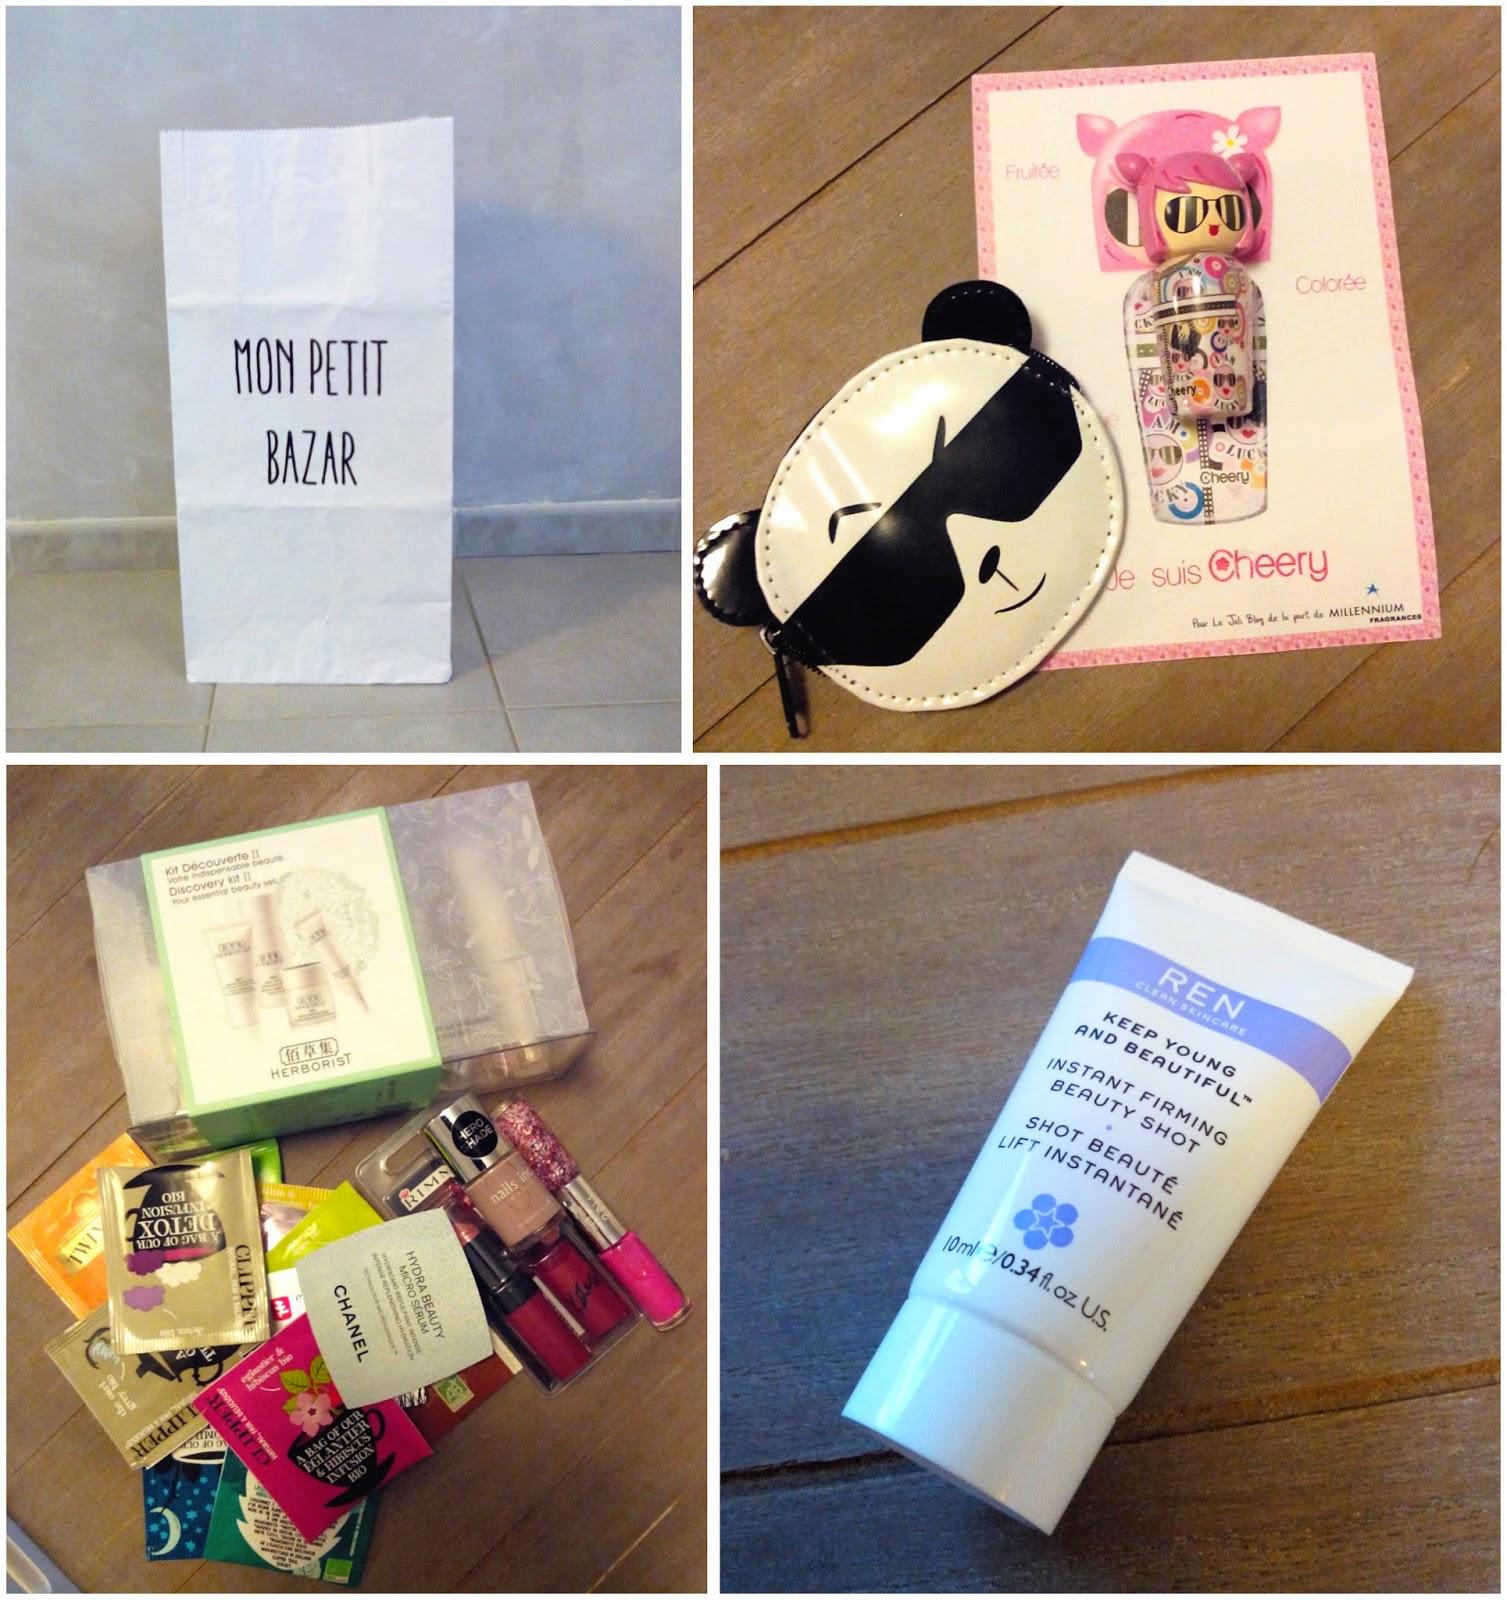 sac en papier, kokeshi, herborist, rimmel, nails inc, ren, bullelodie